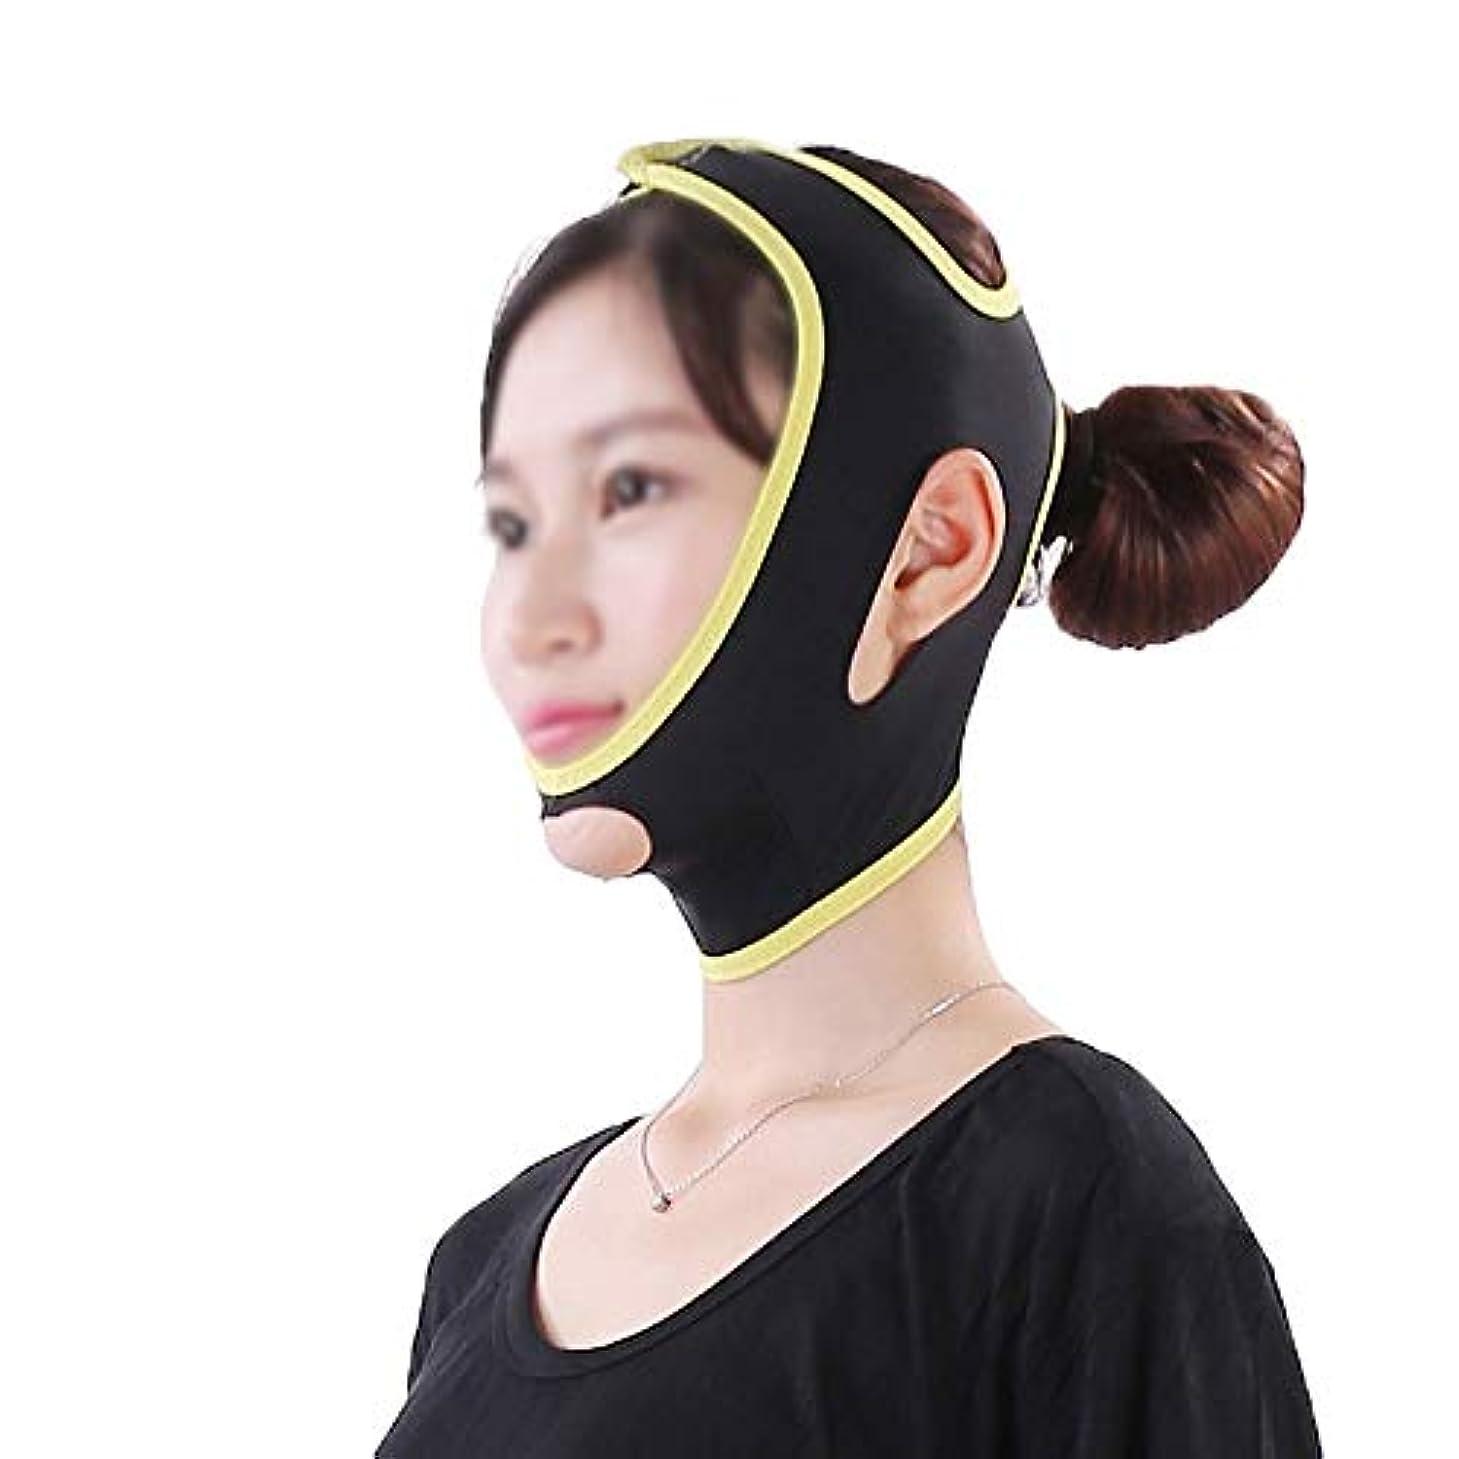 映画下位拒否GLJJQMY フェイス&ネックリフトシンフェイスマスクパワフルマスクフェイスリフトアーチファクトフェイスリフトフェイスツールシンフェイス包帯シンフェイスマスク美容マスク 顔用整形マスク (Size : L)